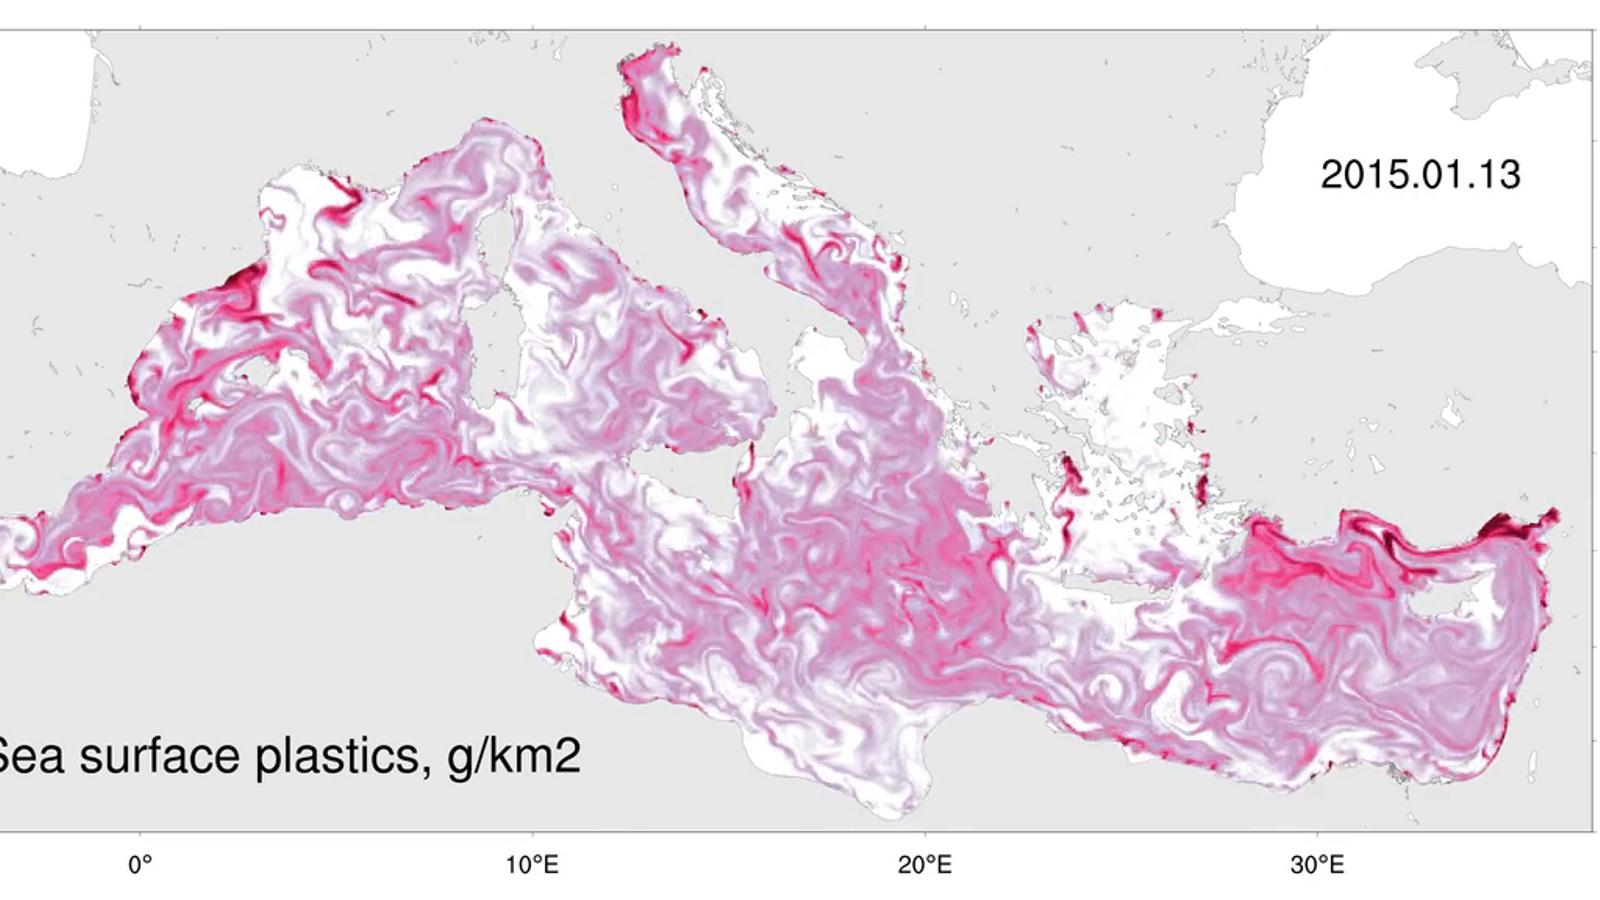 Així es mouen els plàstics pel Mediterrani